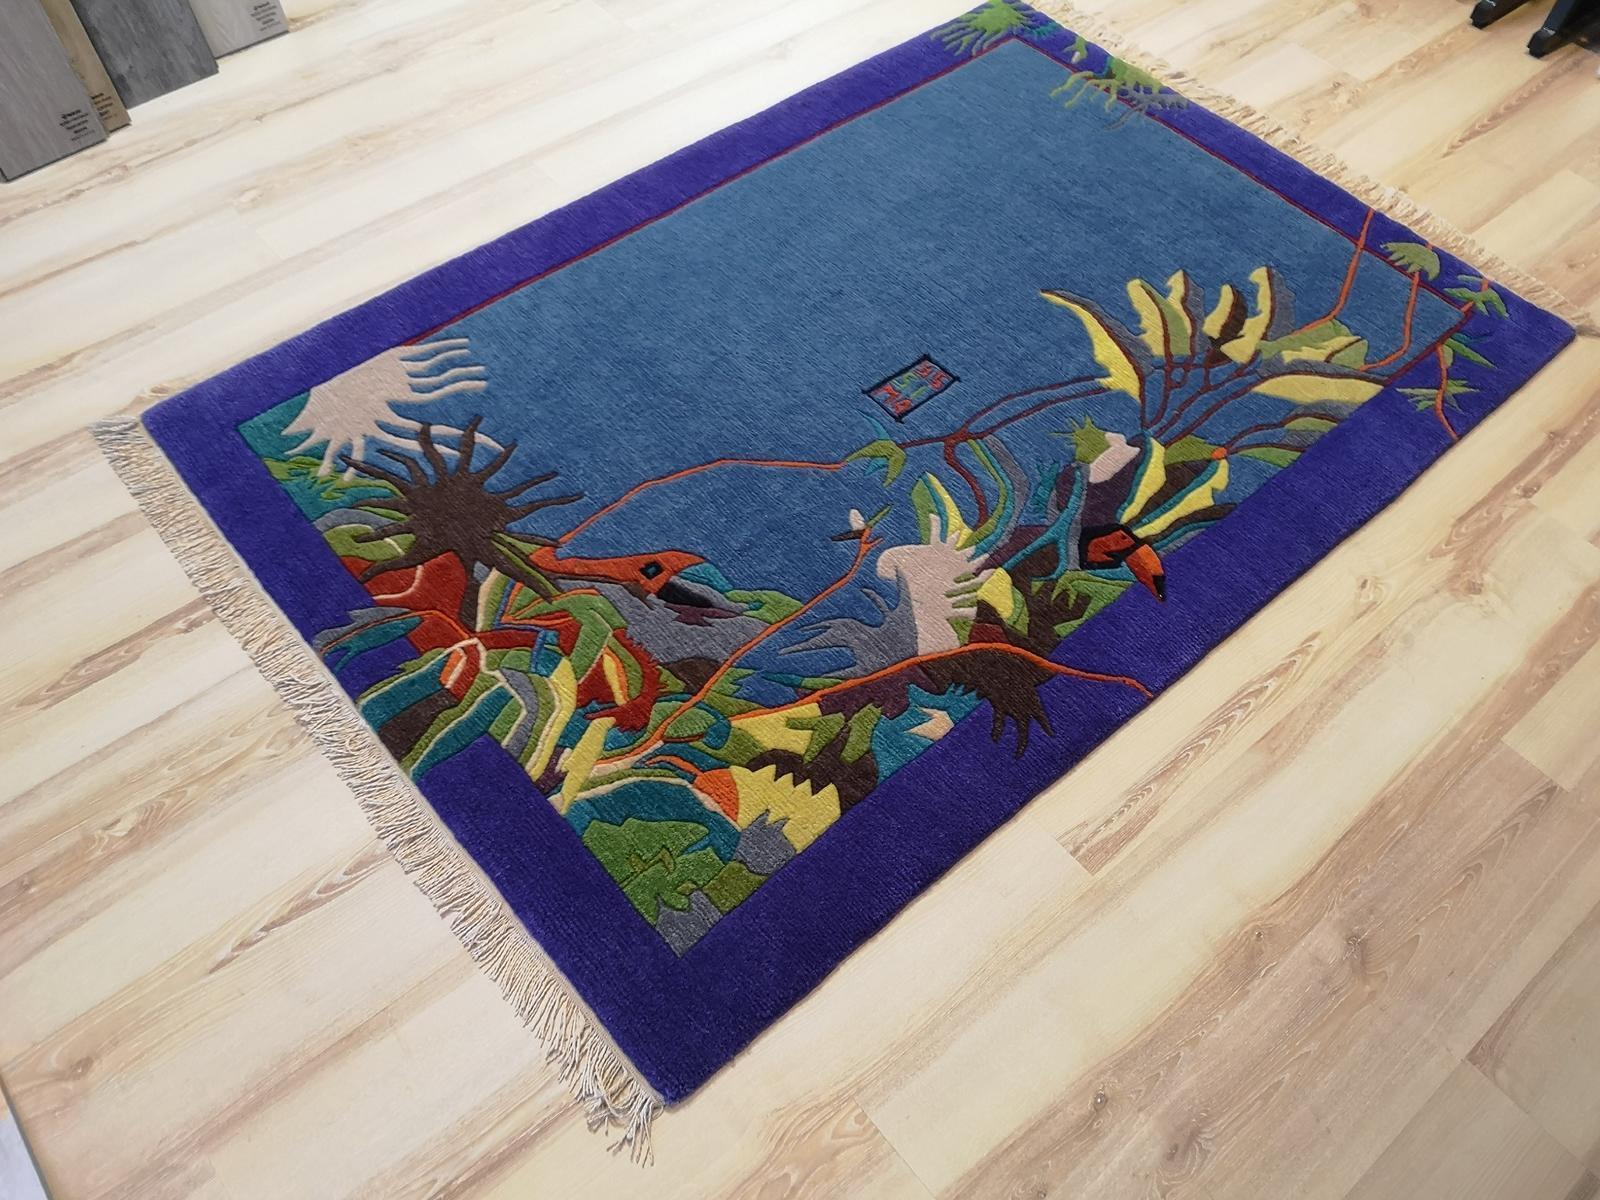 Nepal alfombra yssima Nini Ferrucci 9341 250x300 cm multiColor Designer